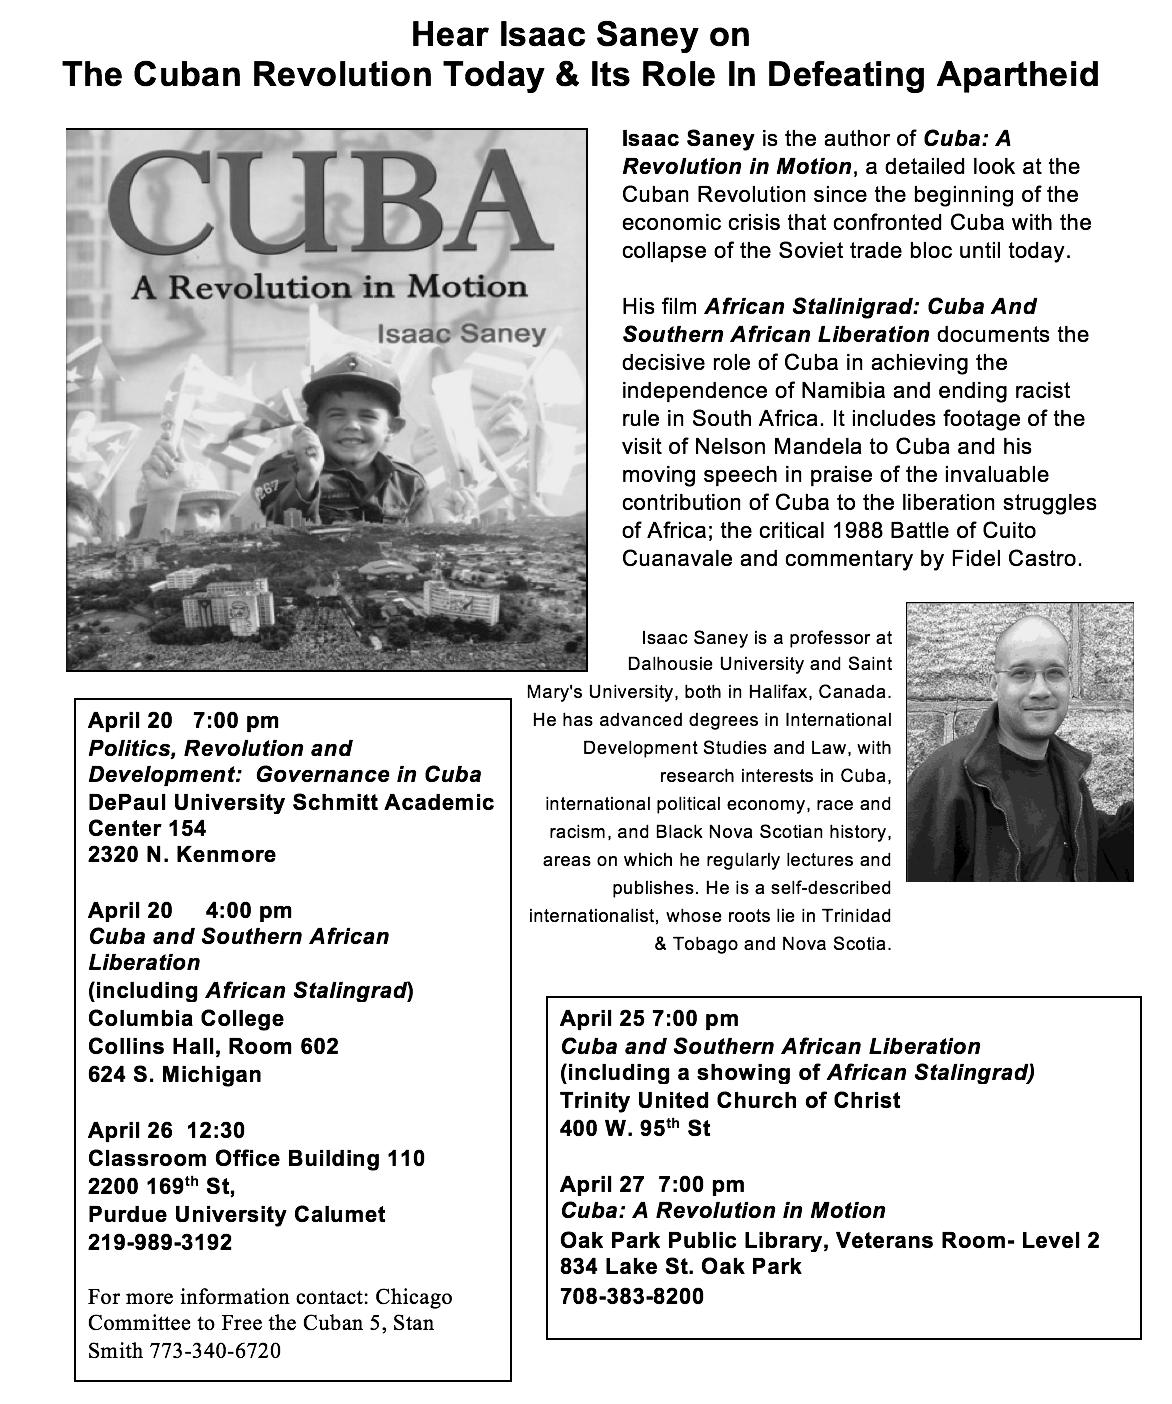 alba-april-2005-saney-flyer-for-chicago-2